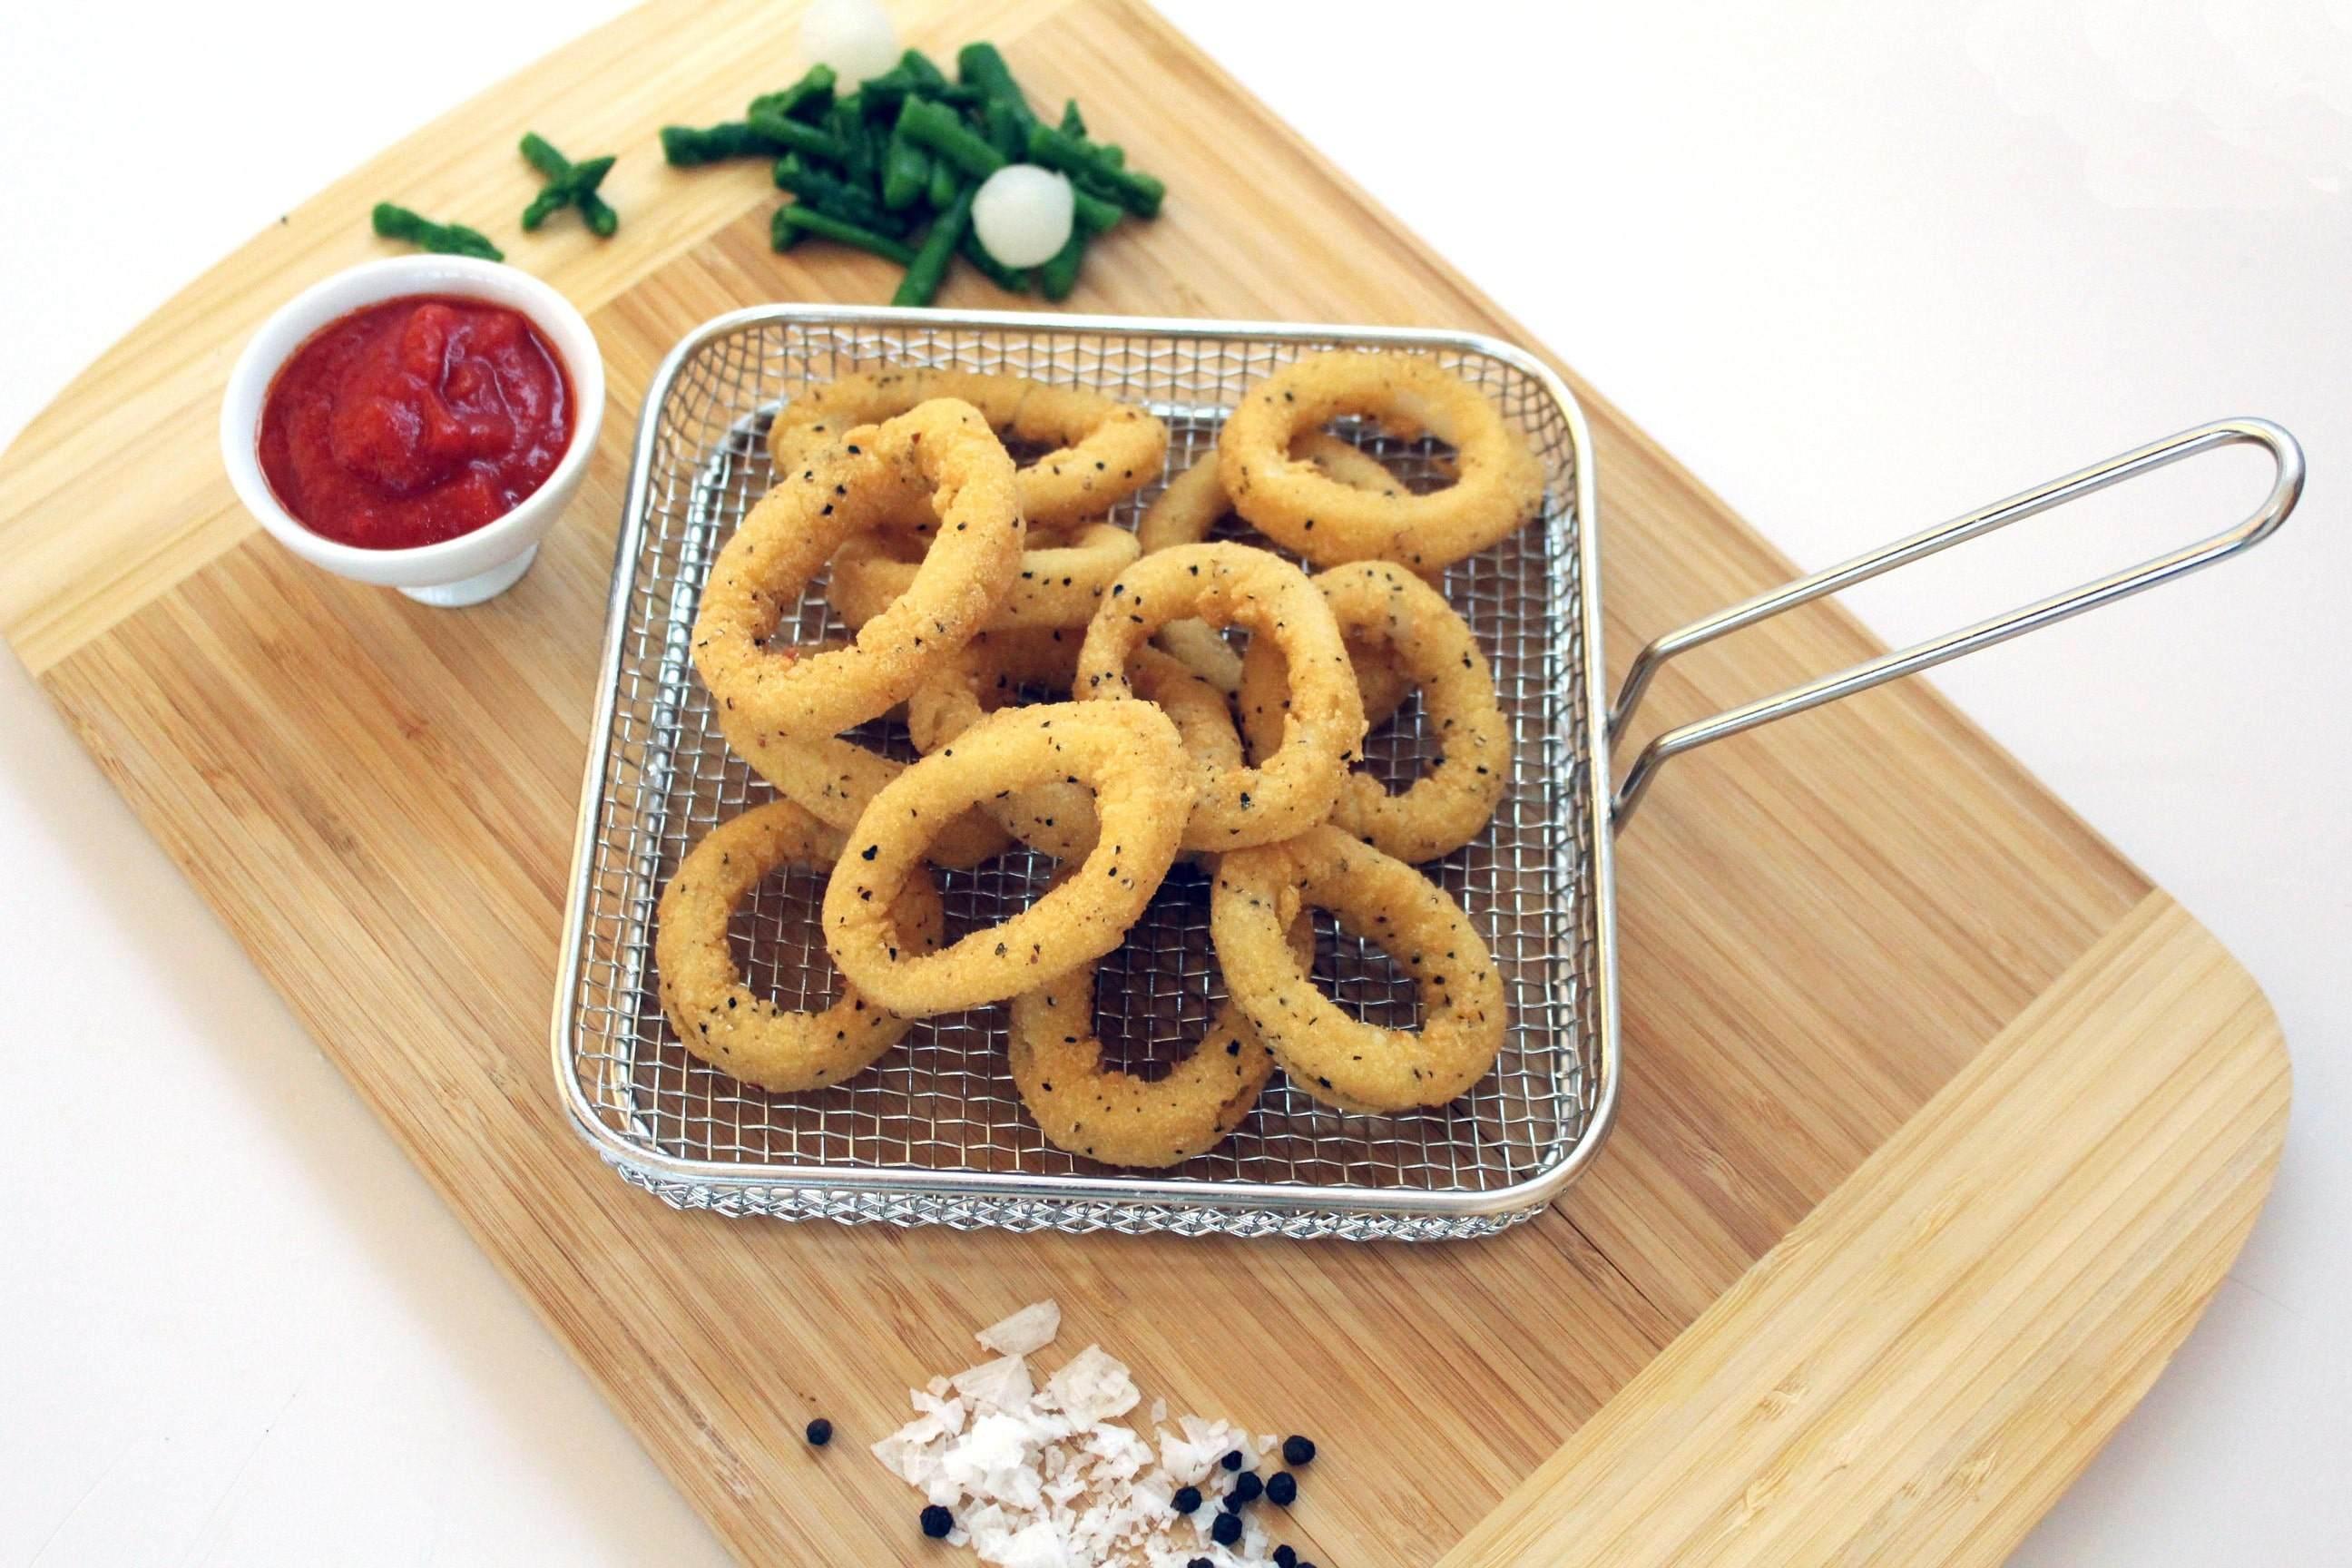 anilla rebozado sal y pimienta cocinada congelada frozen breaded squid rings salt and pepper